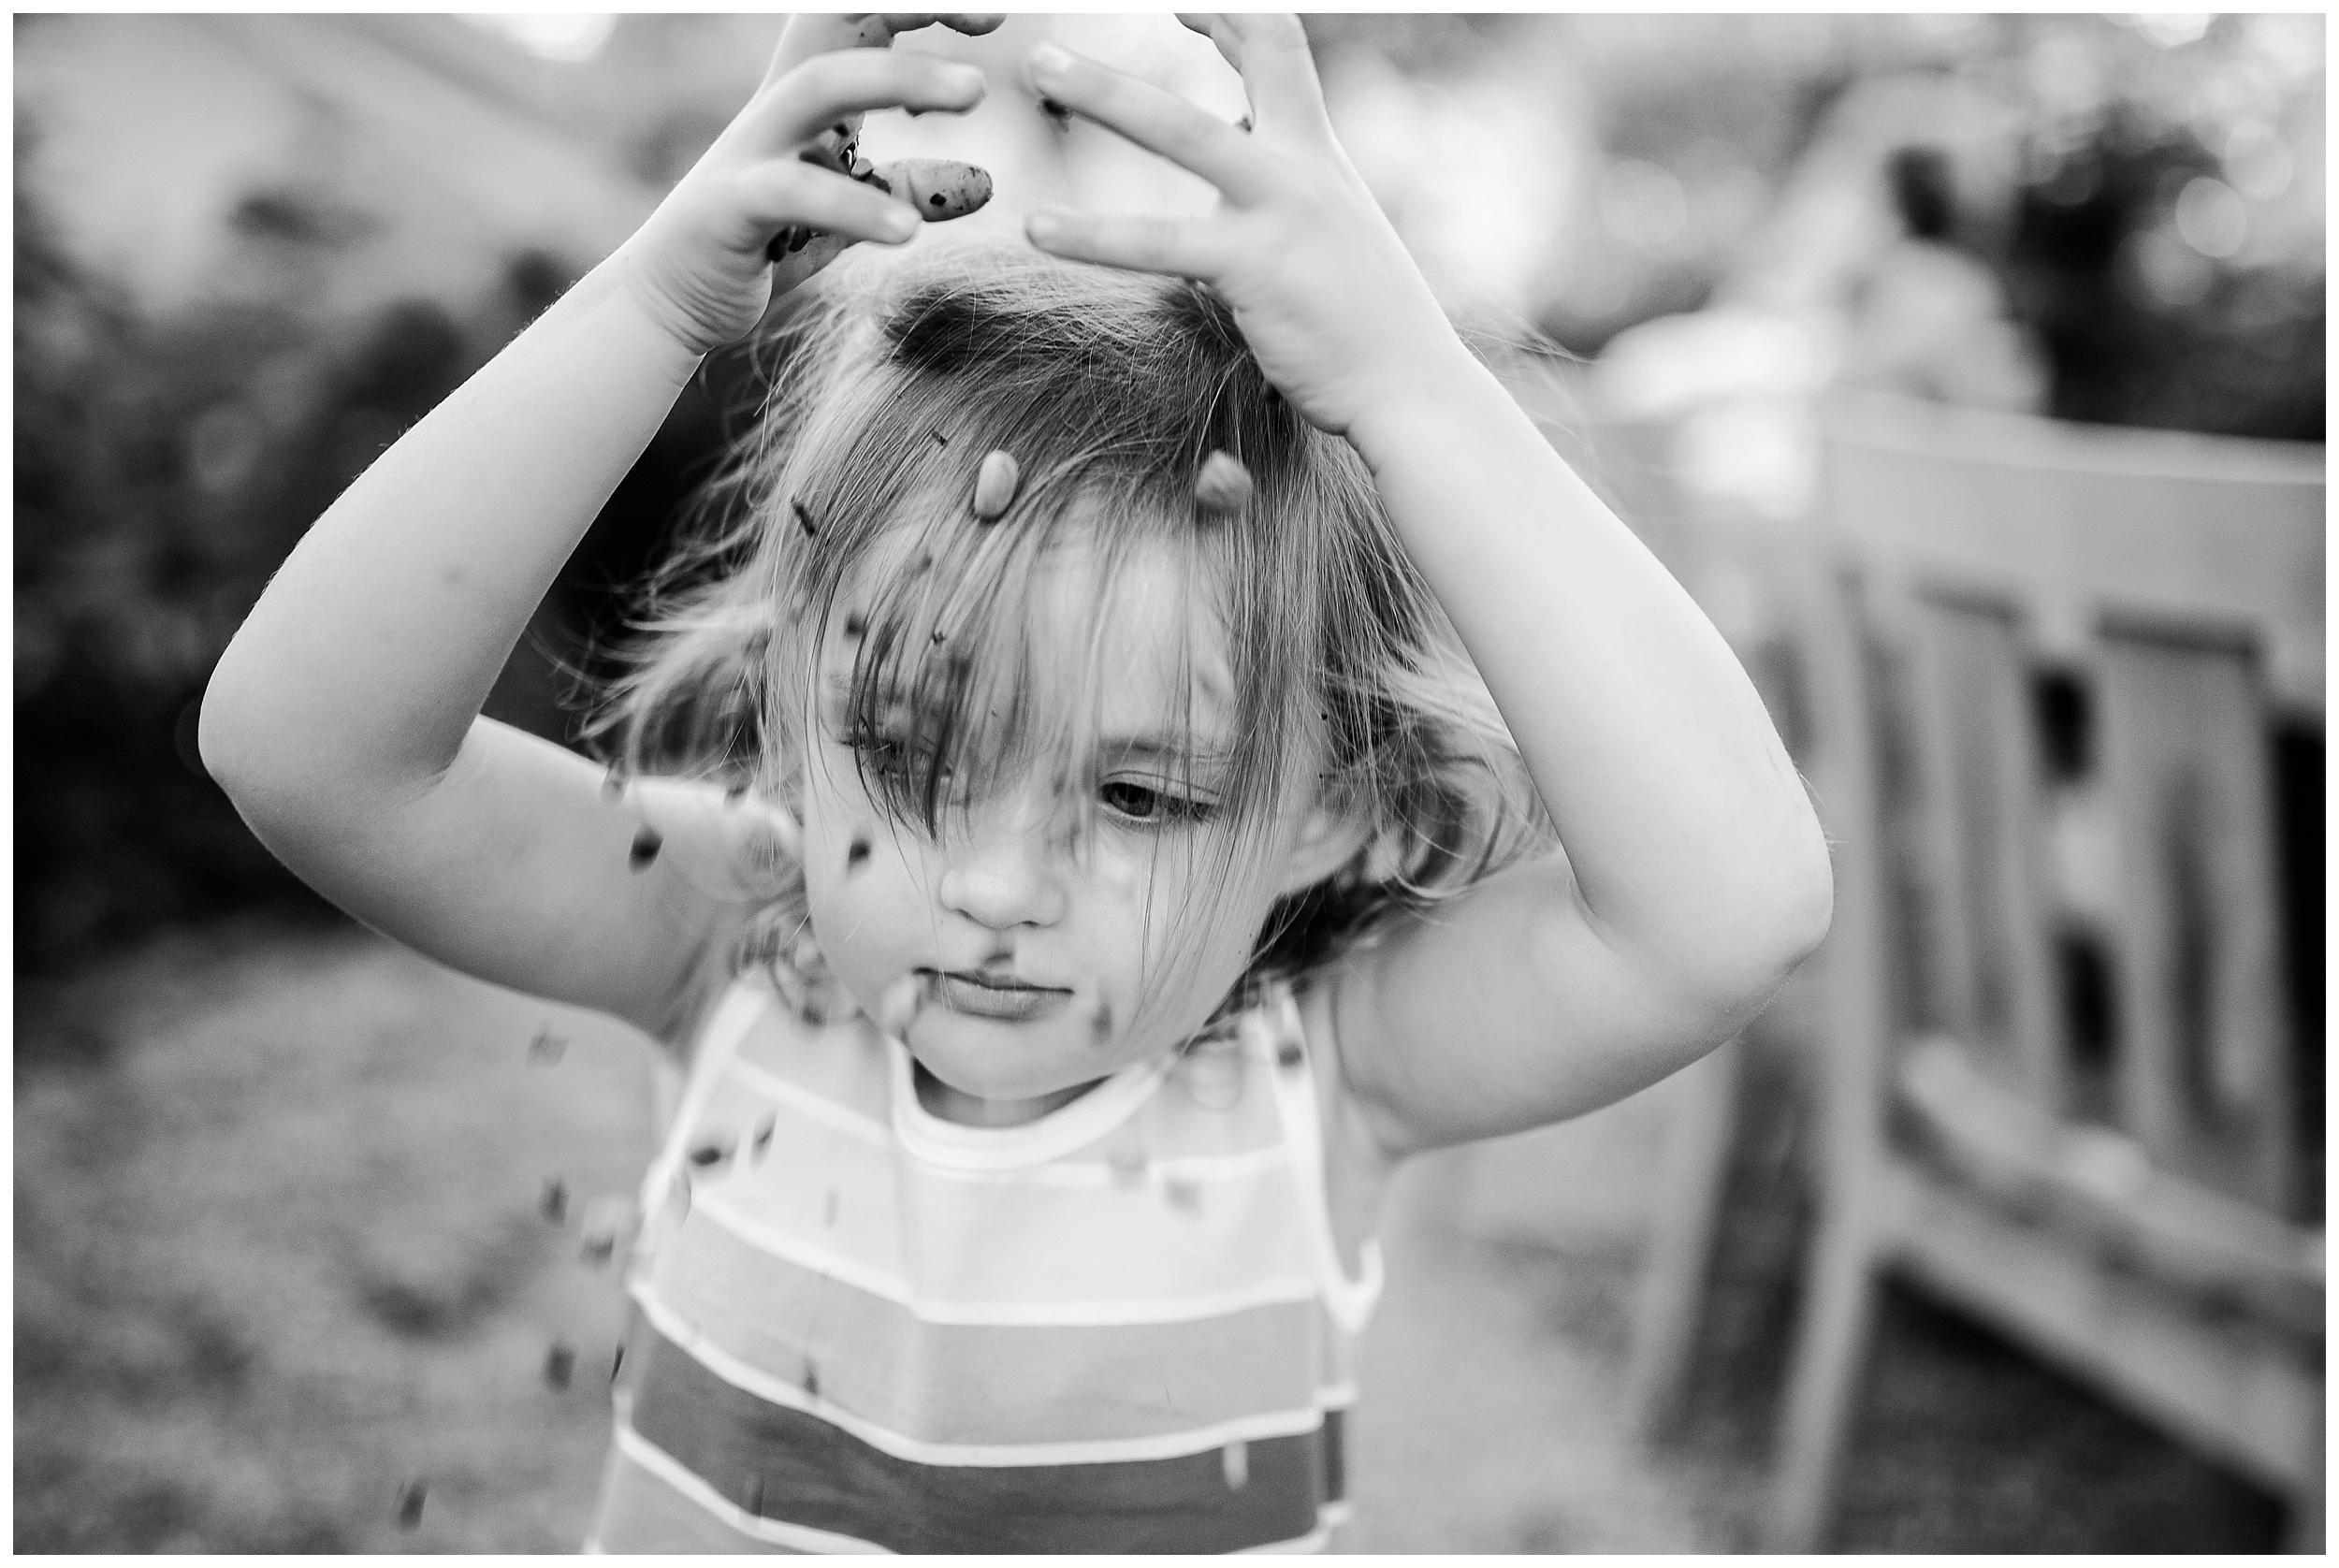 lexington-ky-family-lifestyle-photos-by-priscilla-baierlein_0031.jpg